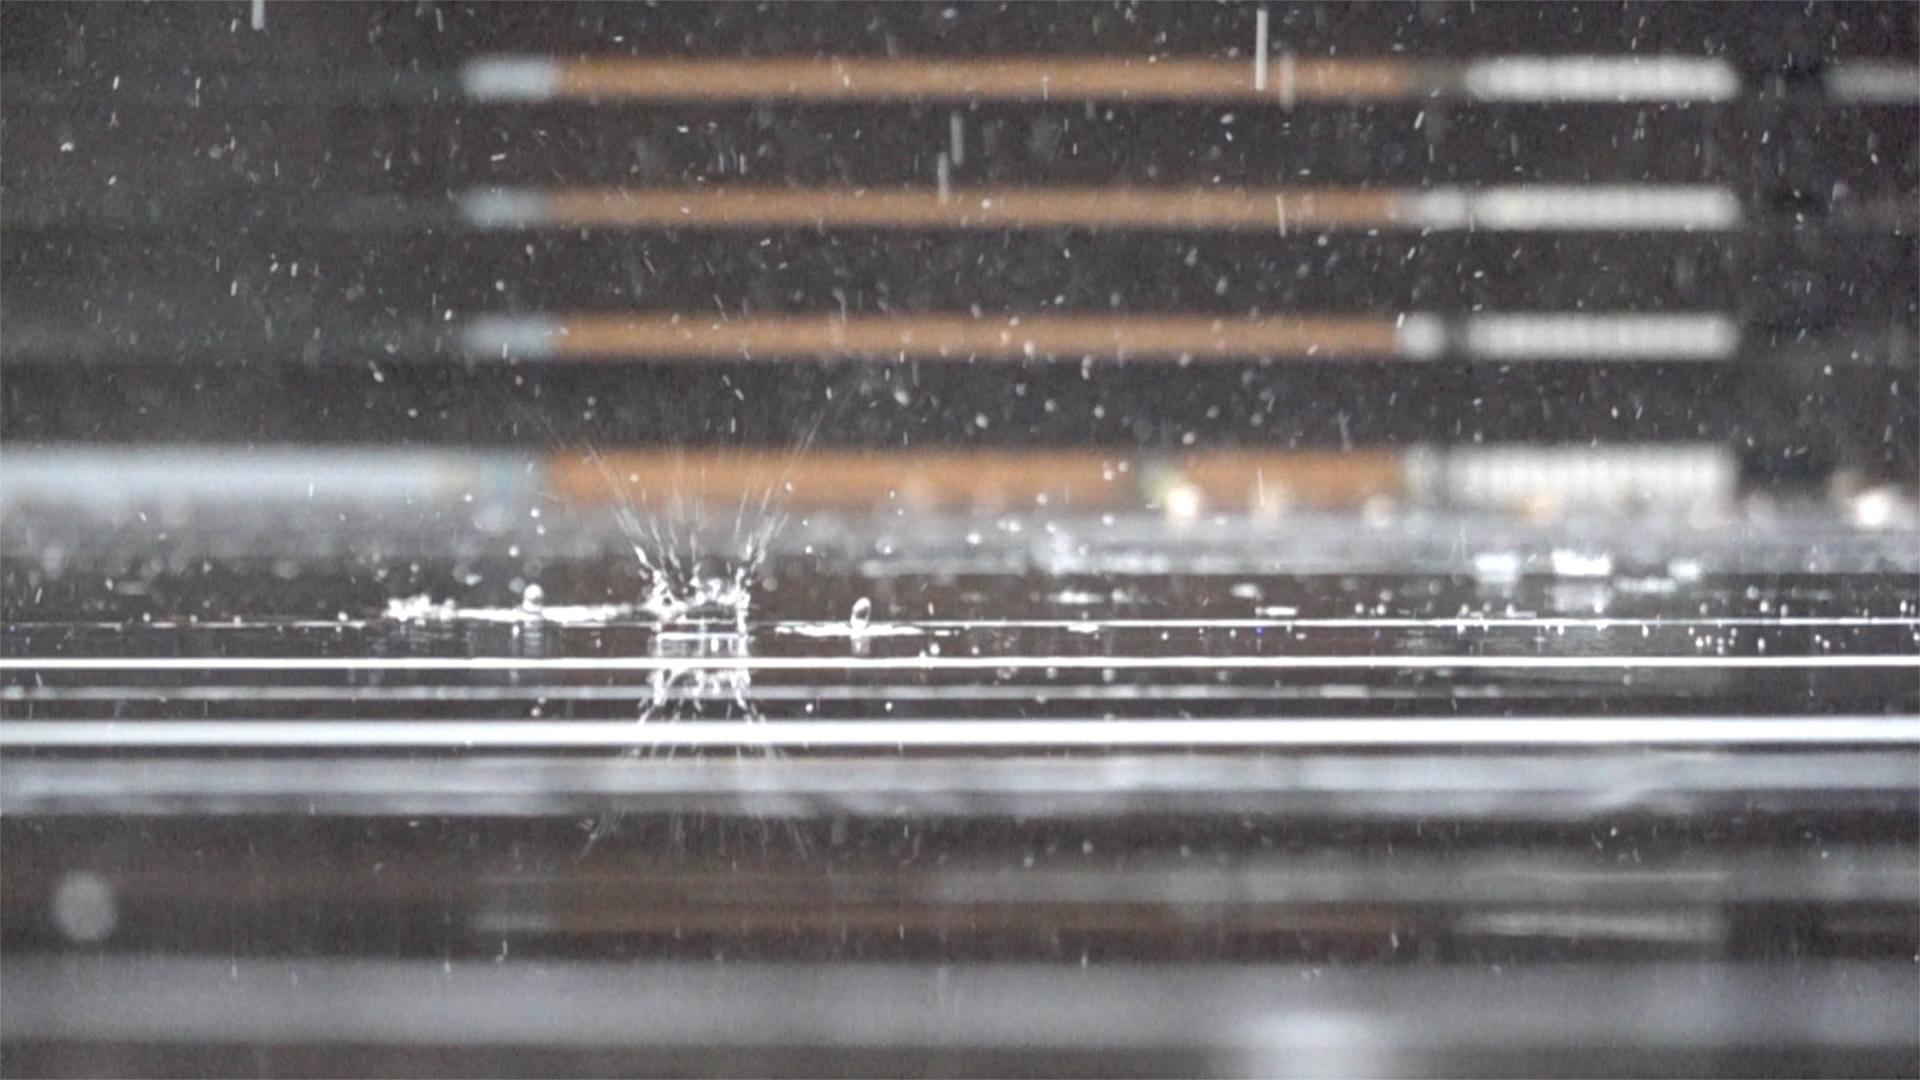 雨をHFR撮影